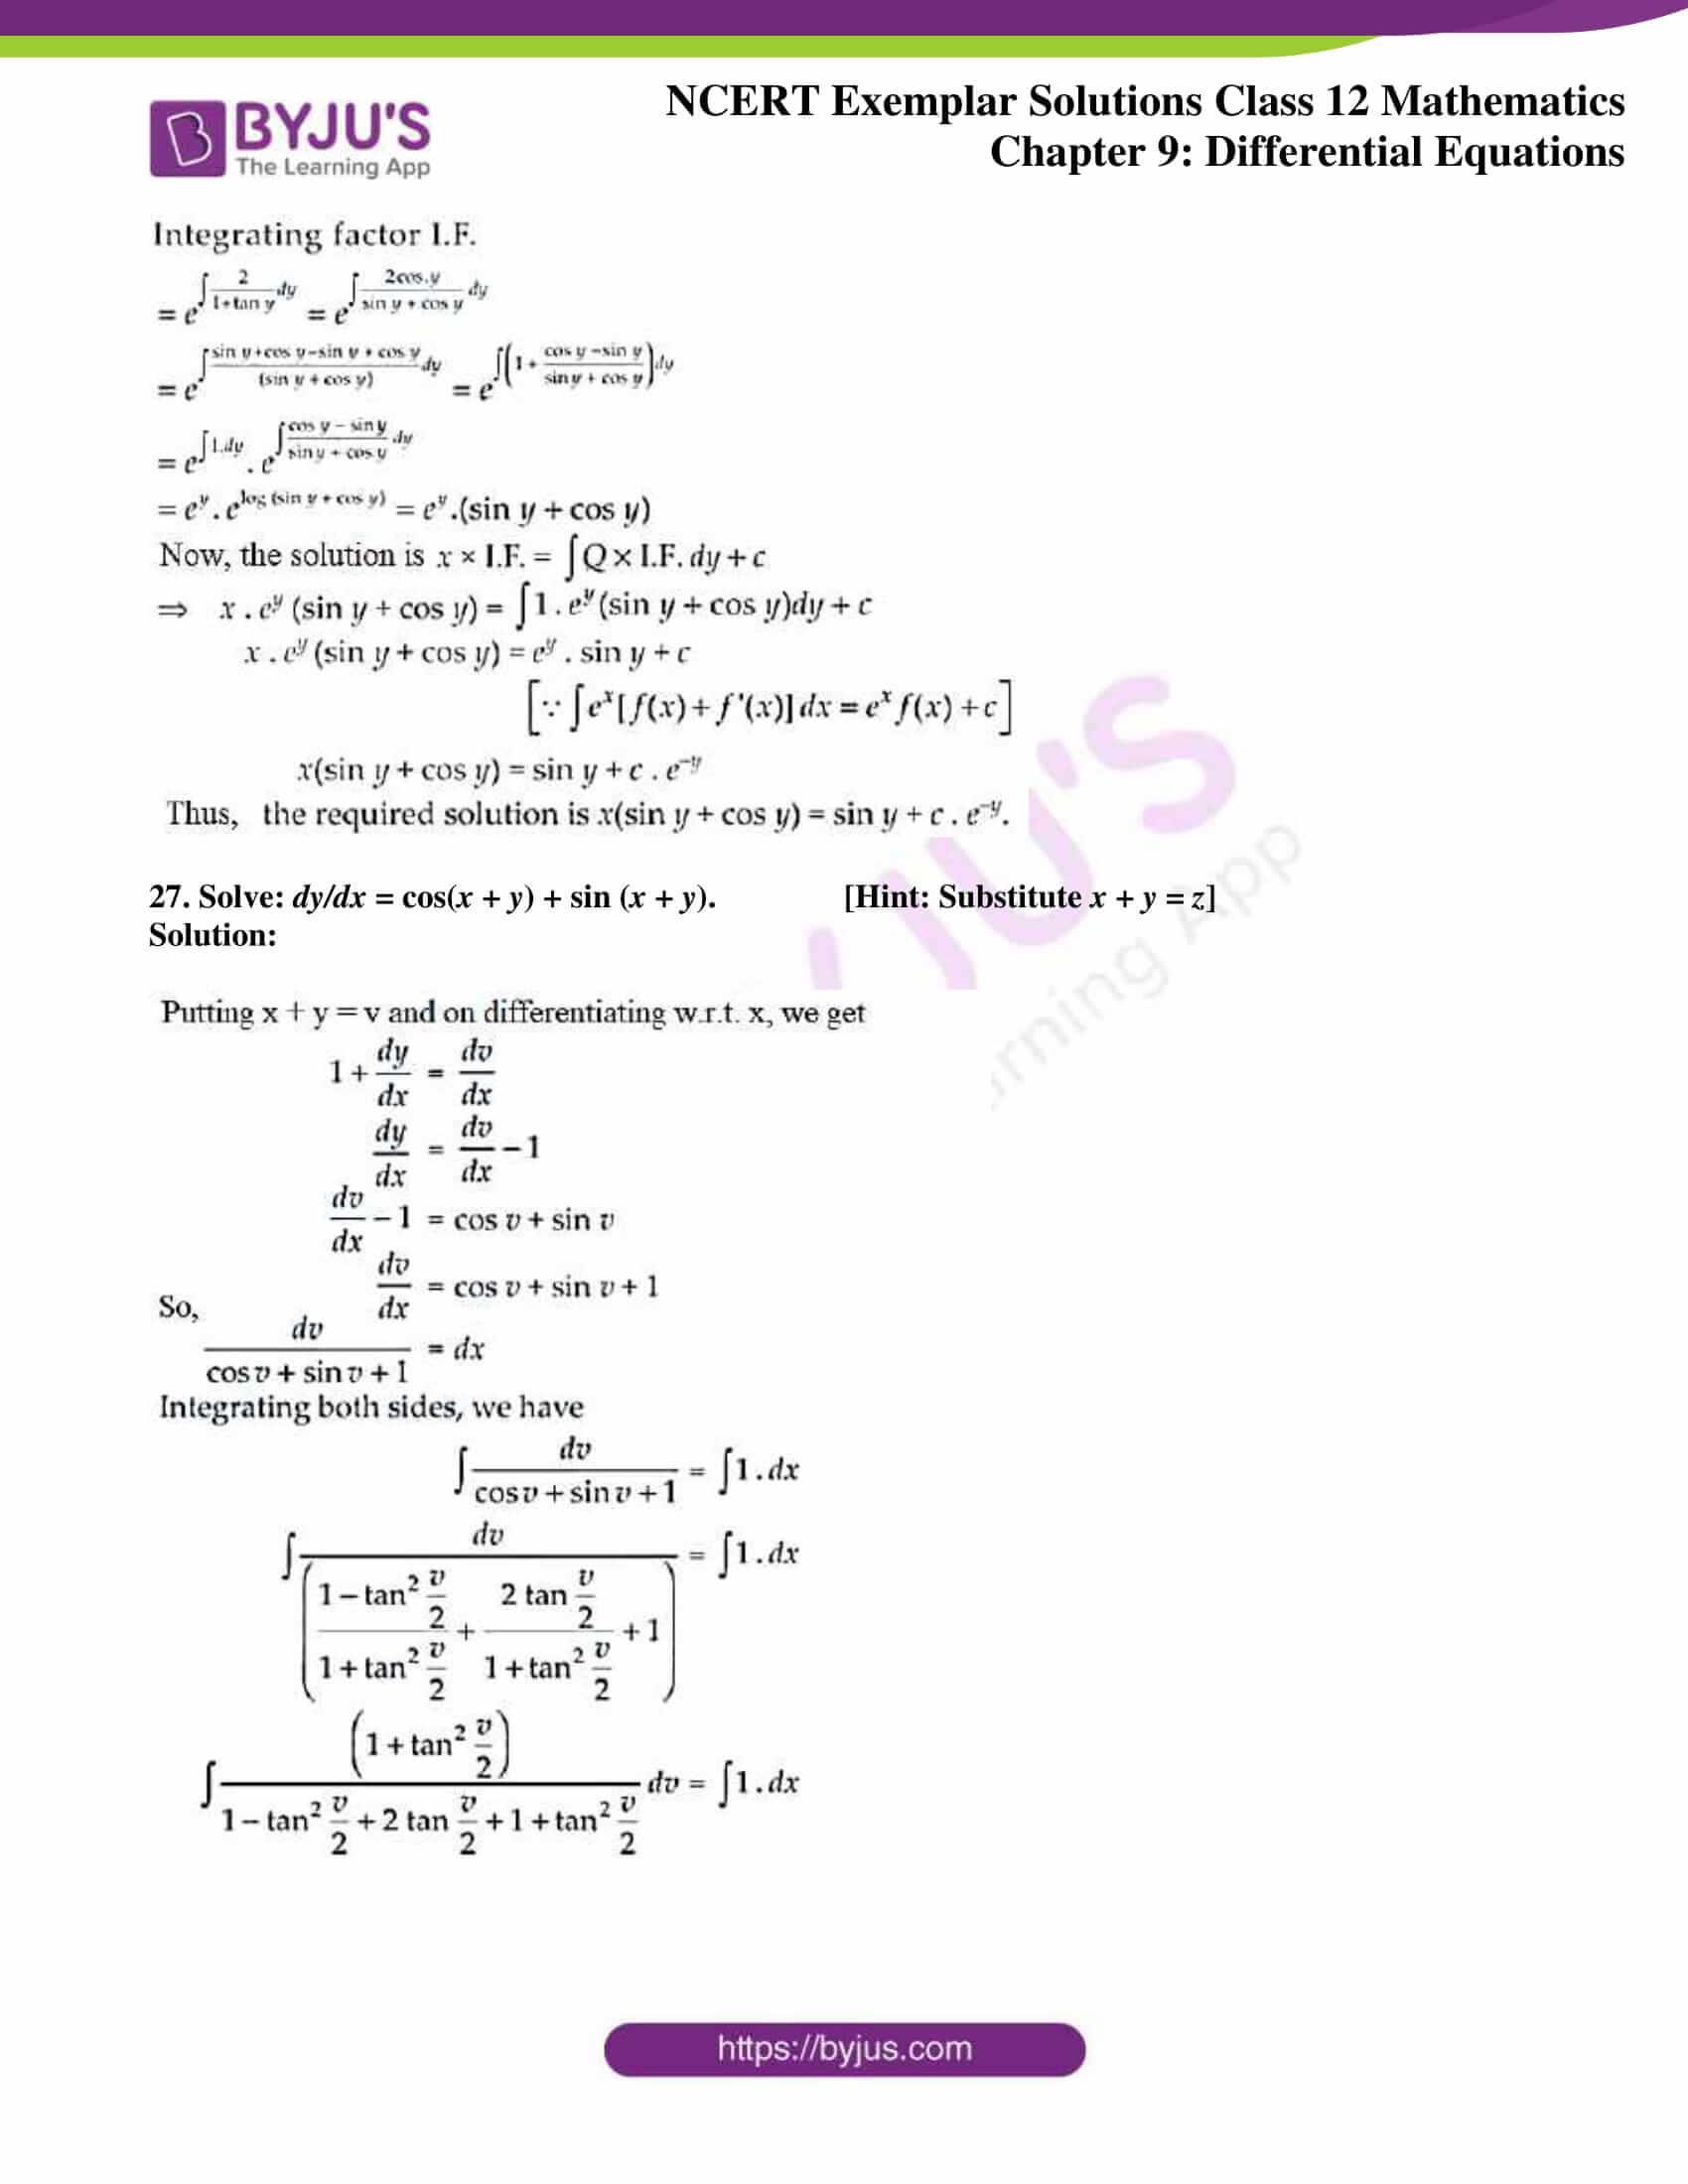 ncert exemplar sol class 12 mathematics ch 9 16